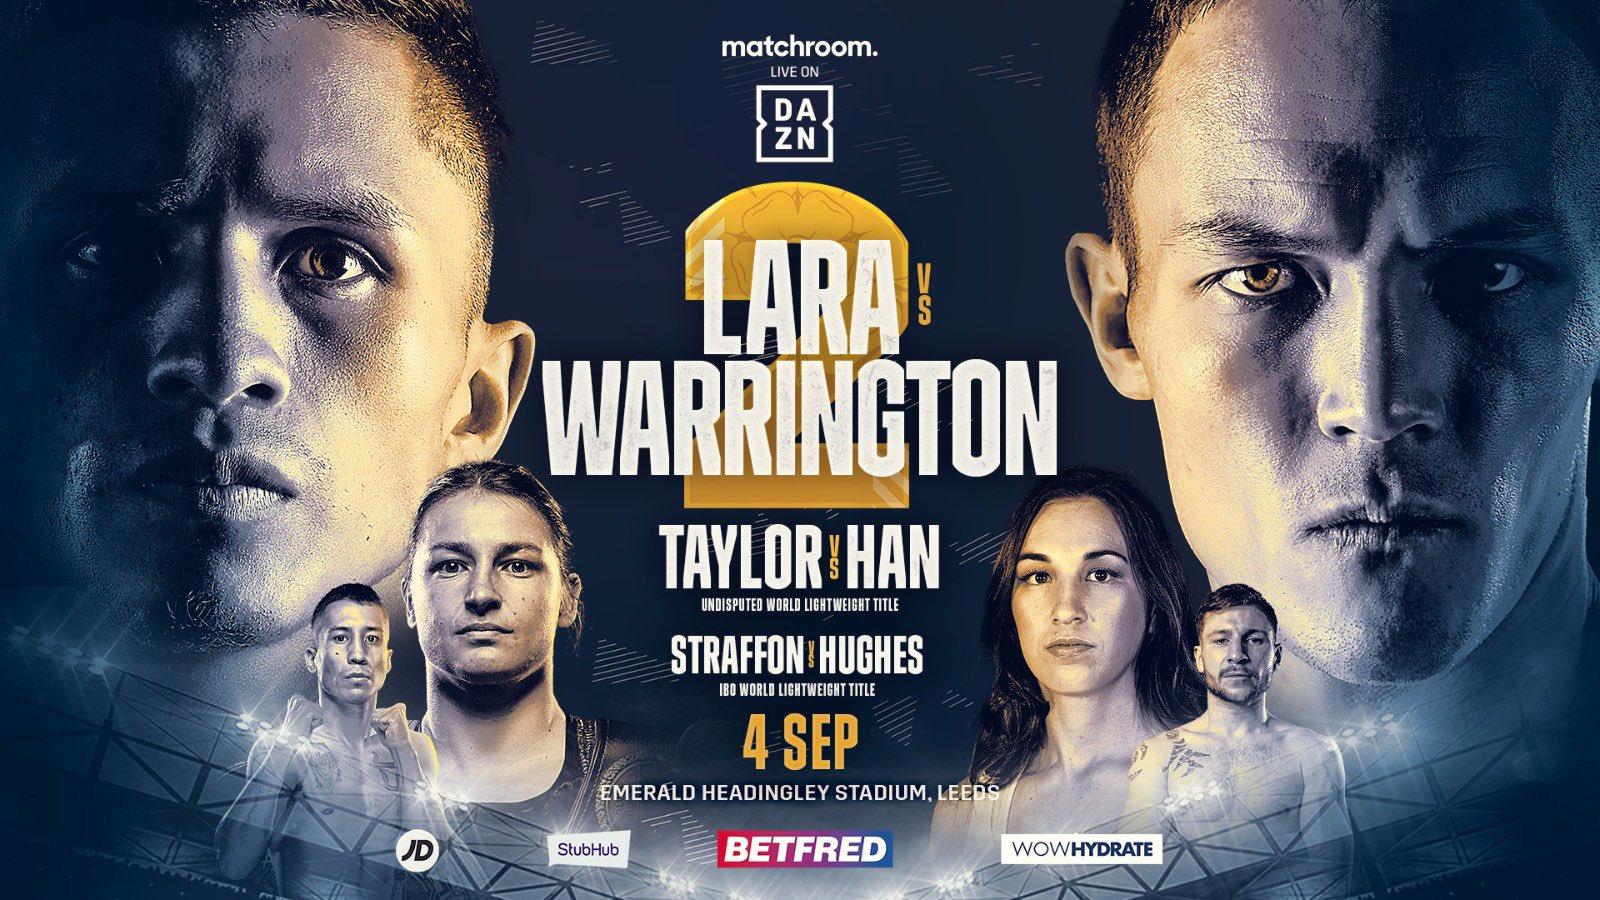 'Bronco' Lara le otorgará la revancha a Josh Warrington el 4 de septiembre en Leeds, Inglaterra.